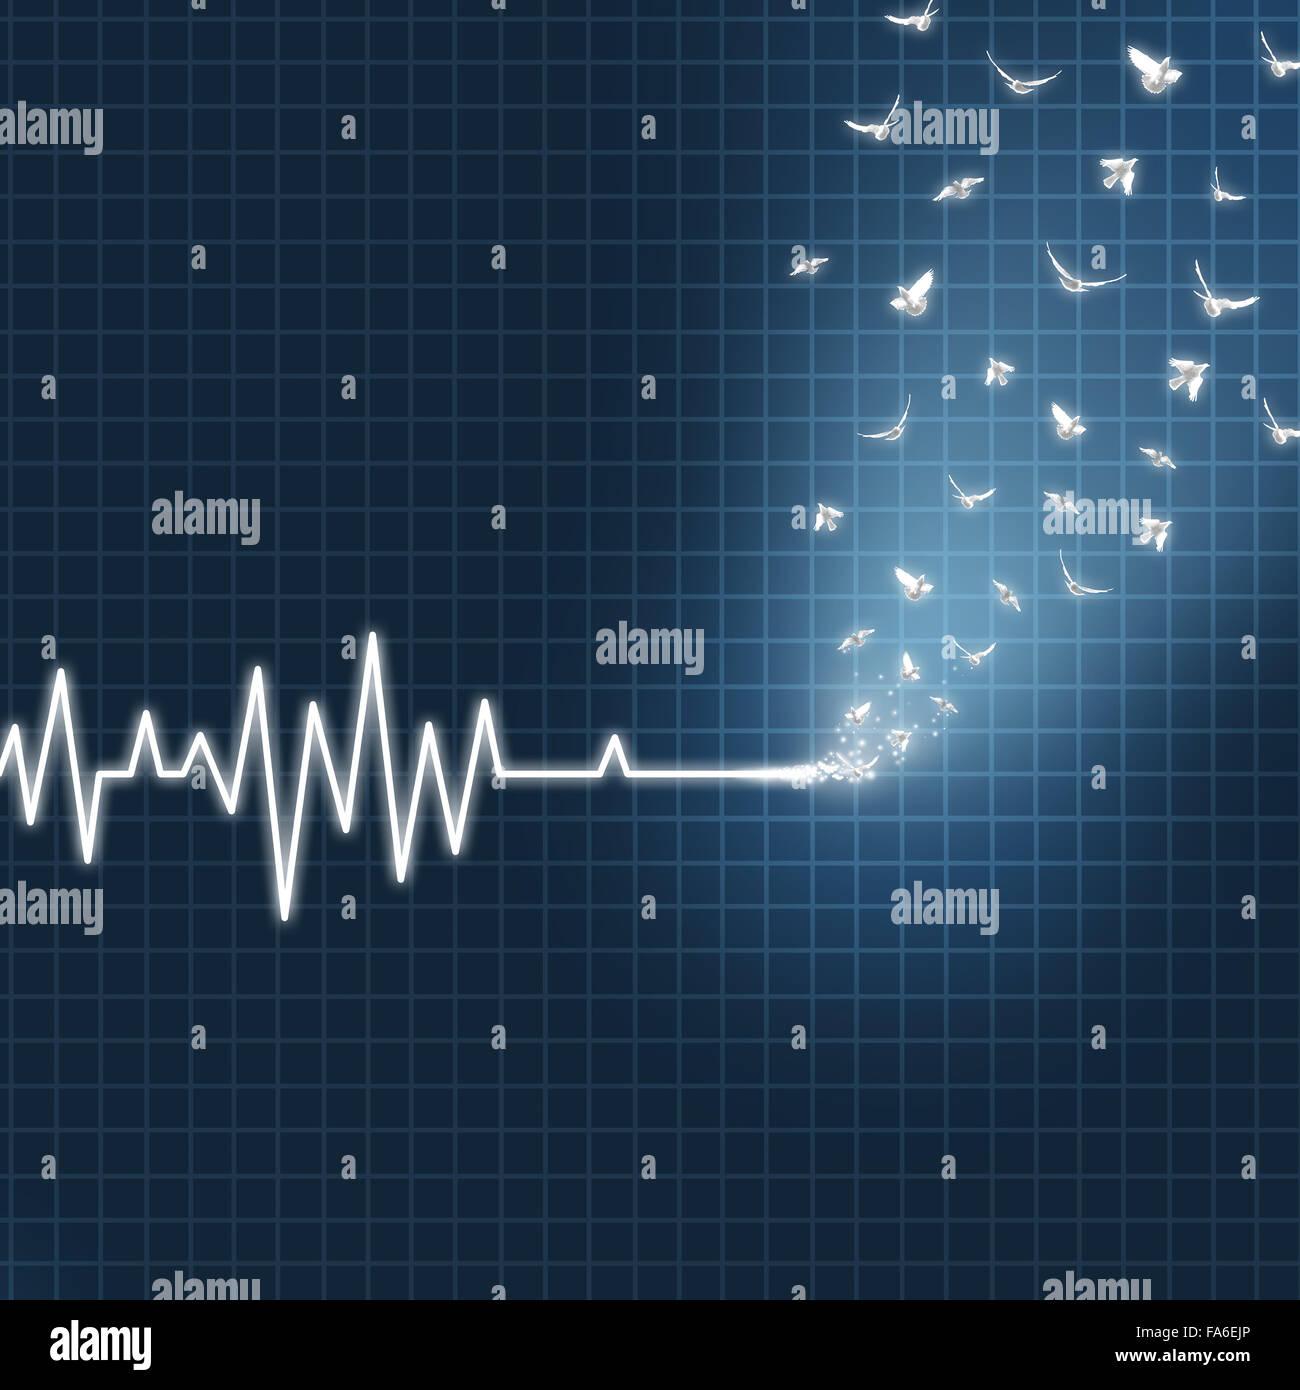 Afterlife concepto como un ECG o EKG medical monitor cardíaco lifeline mostrando una flatline transformando Imagen De Stock